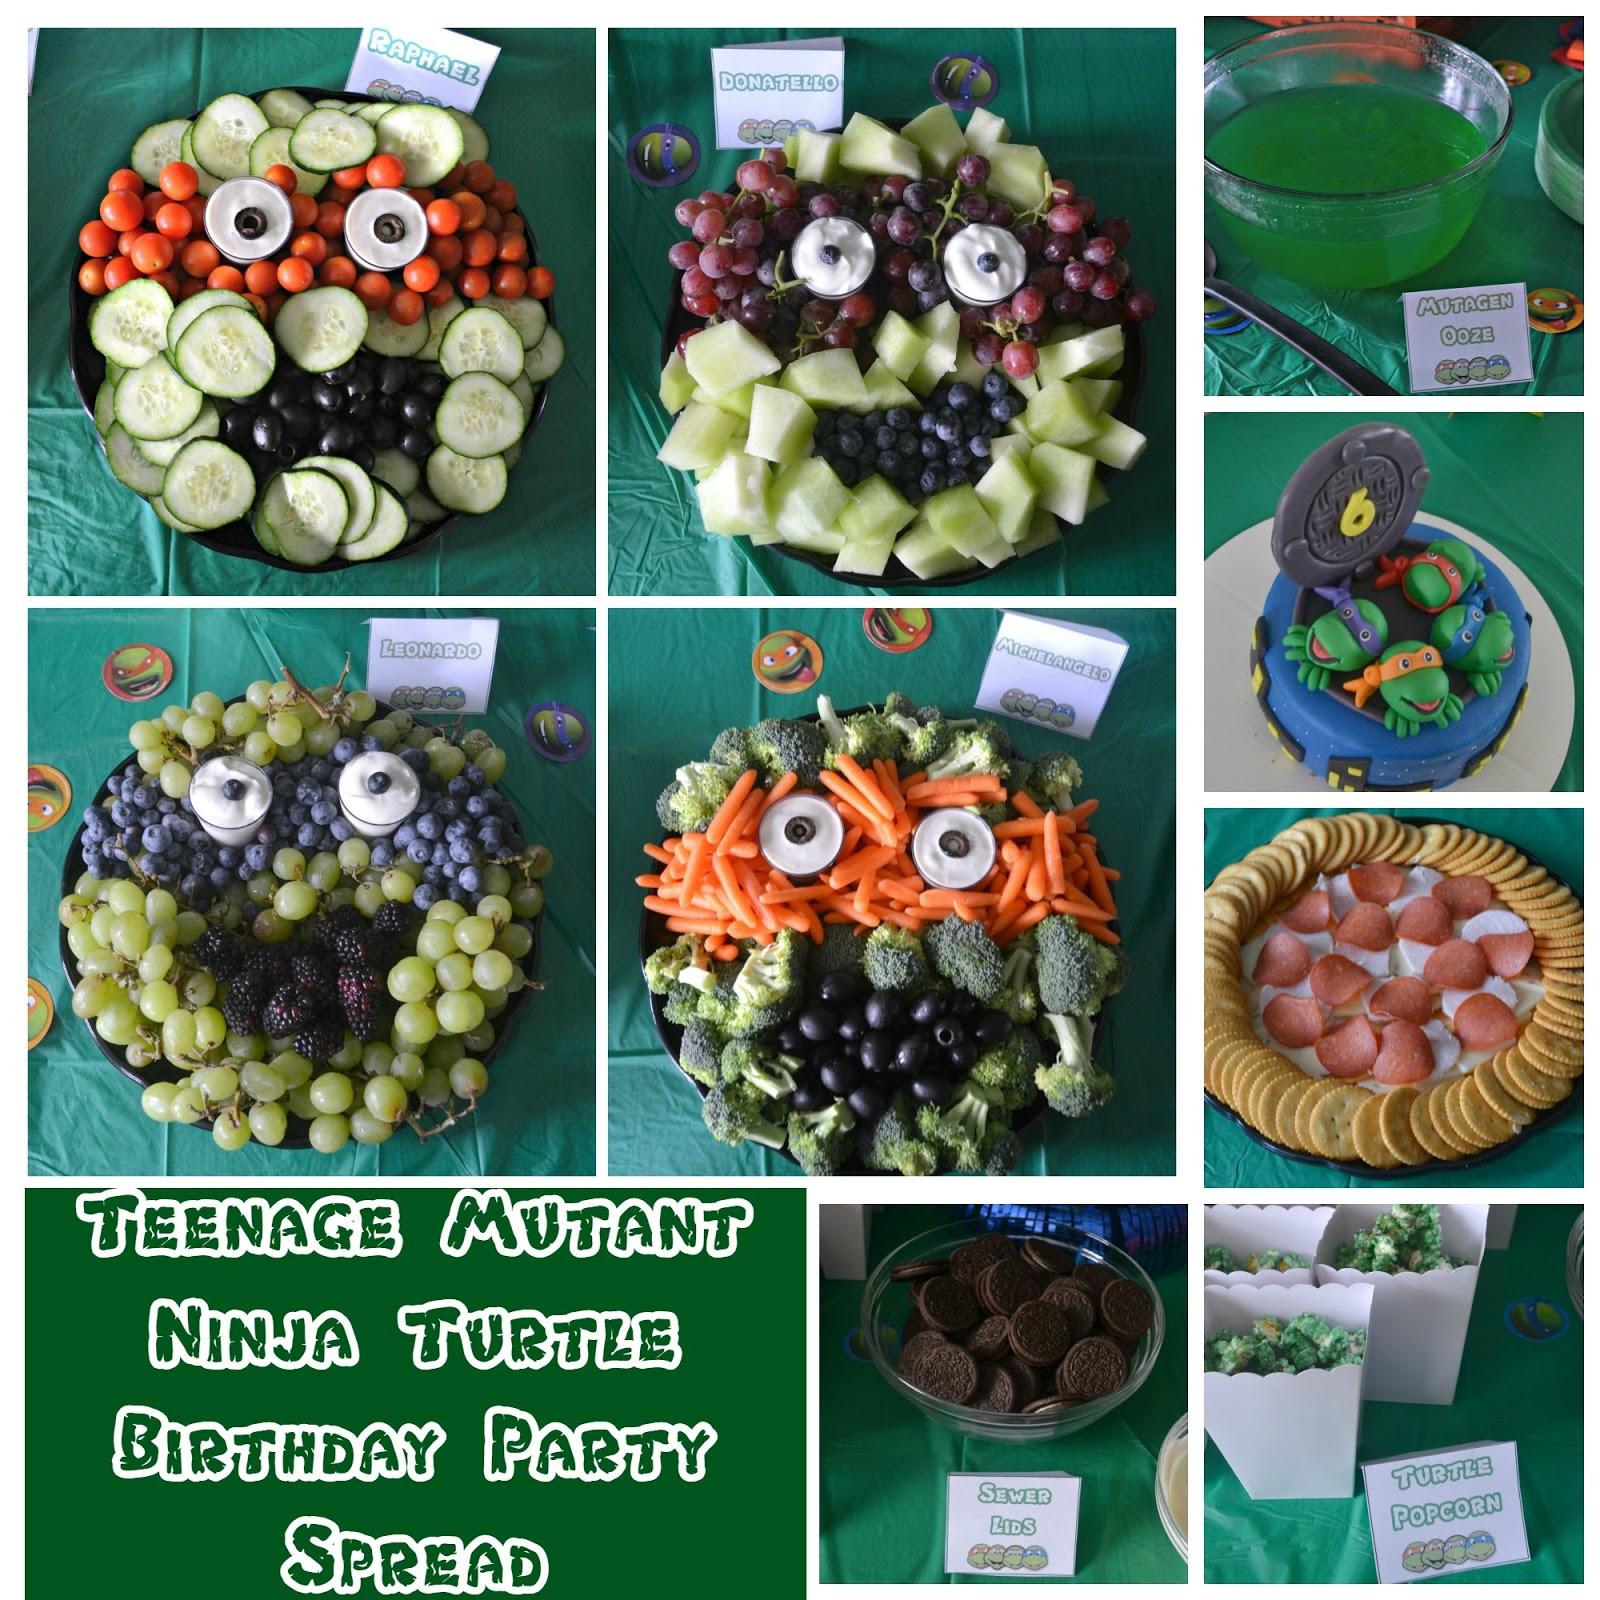 Teenage Mutant Ninja Turtle Birthday Party